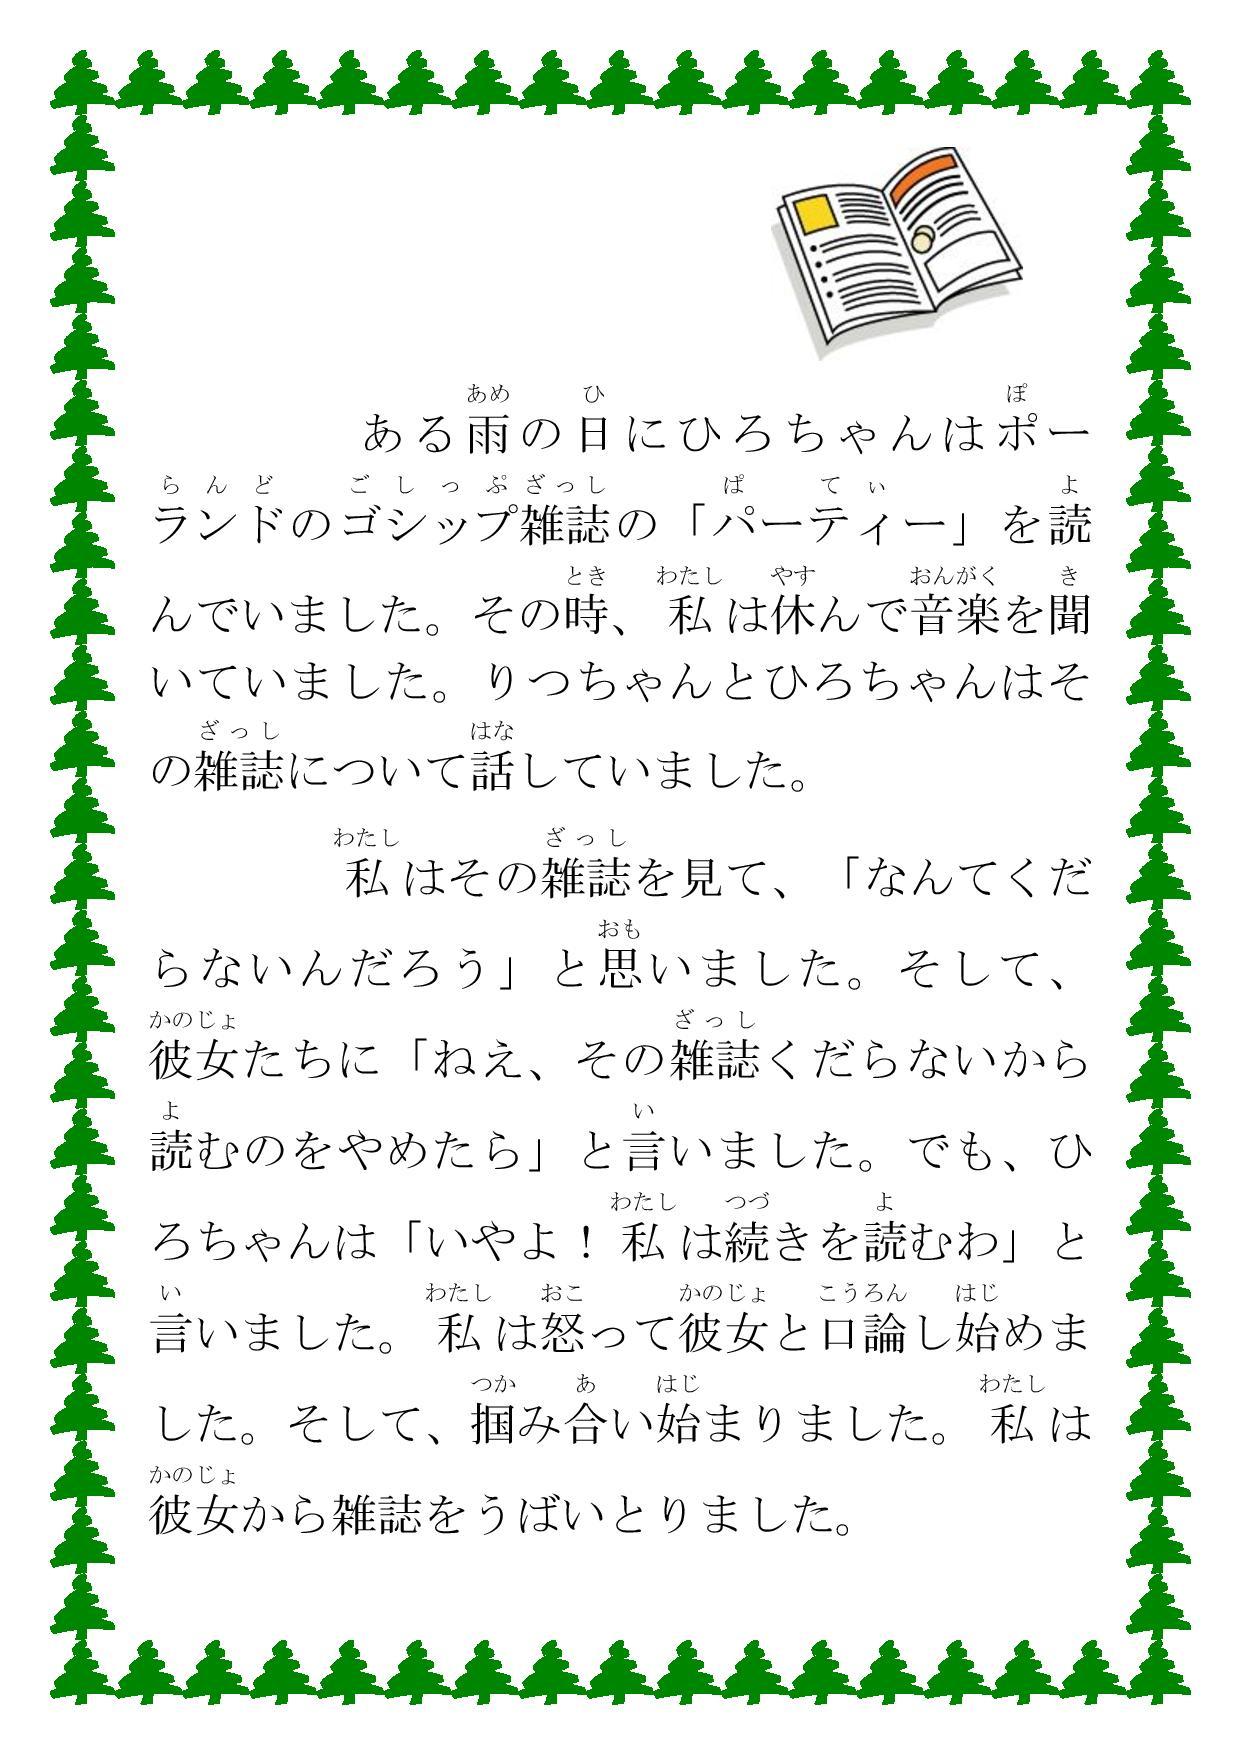 私の失敗 (Poziom średni - N4)-page-002